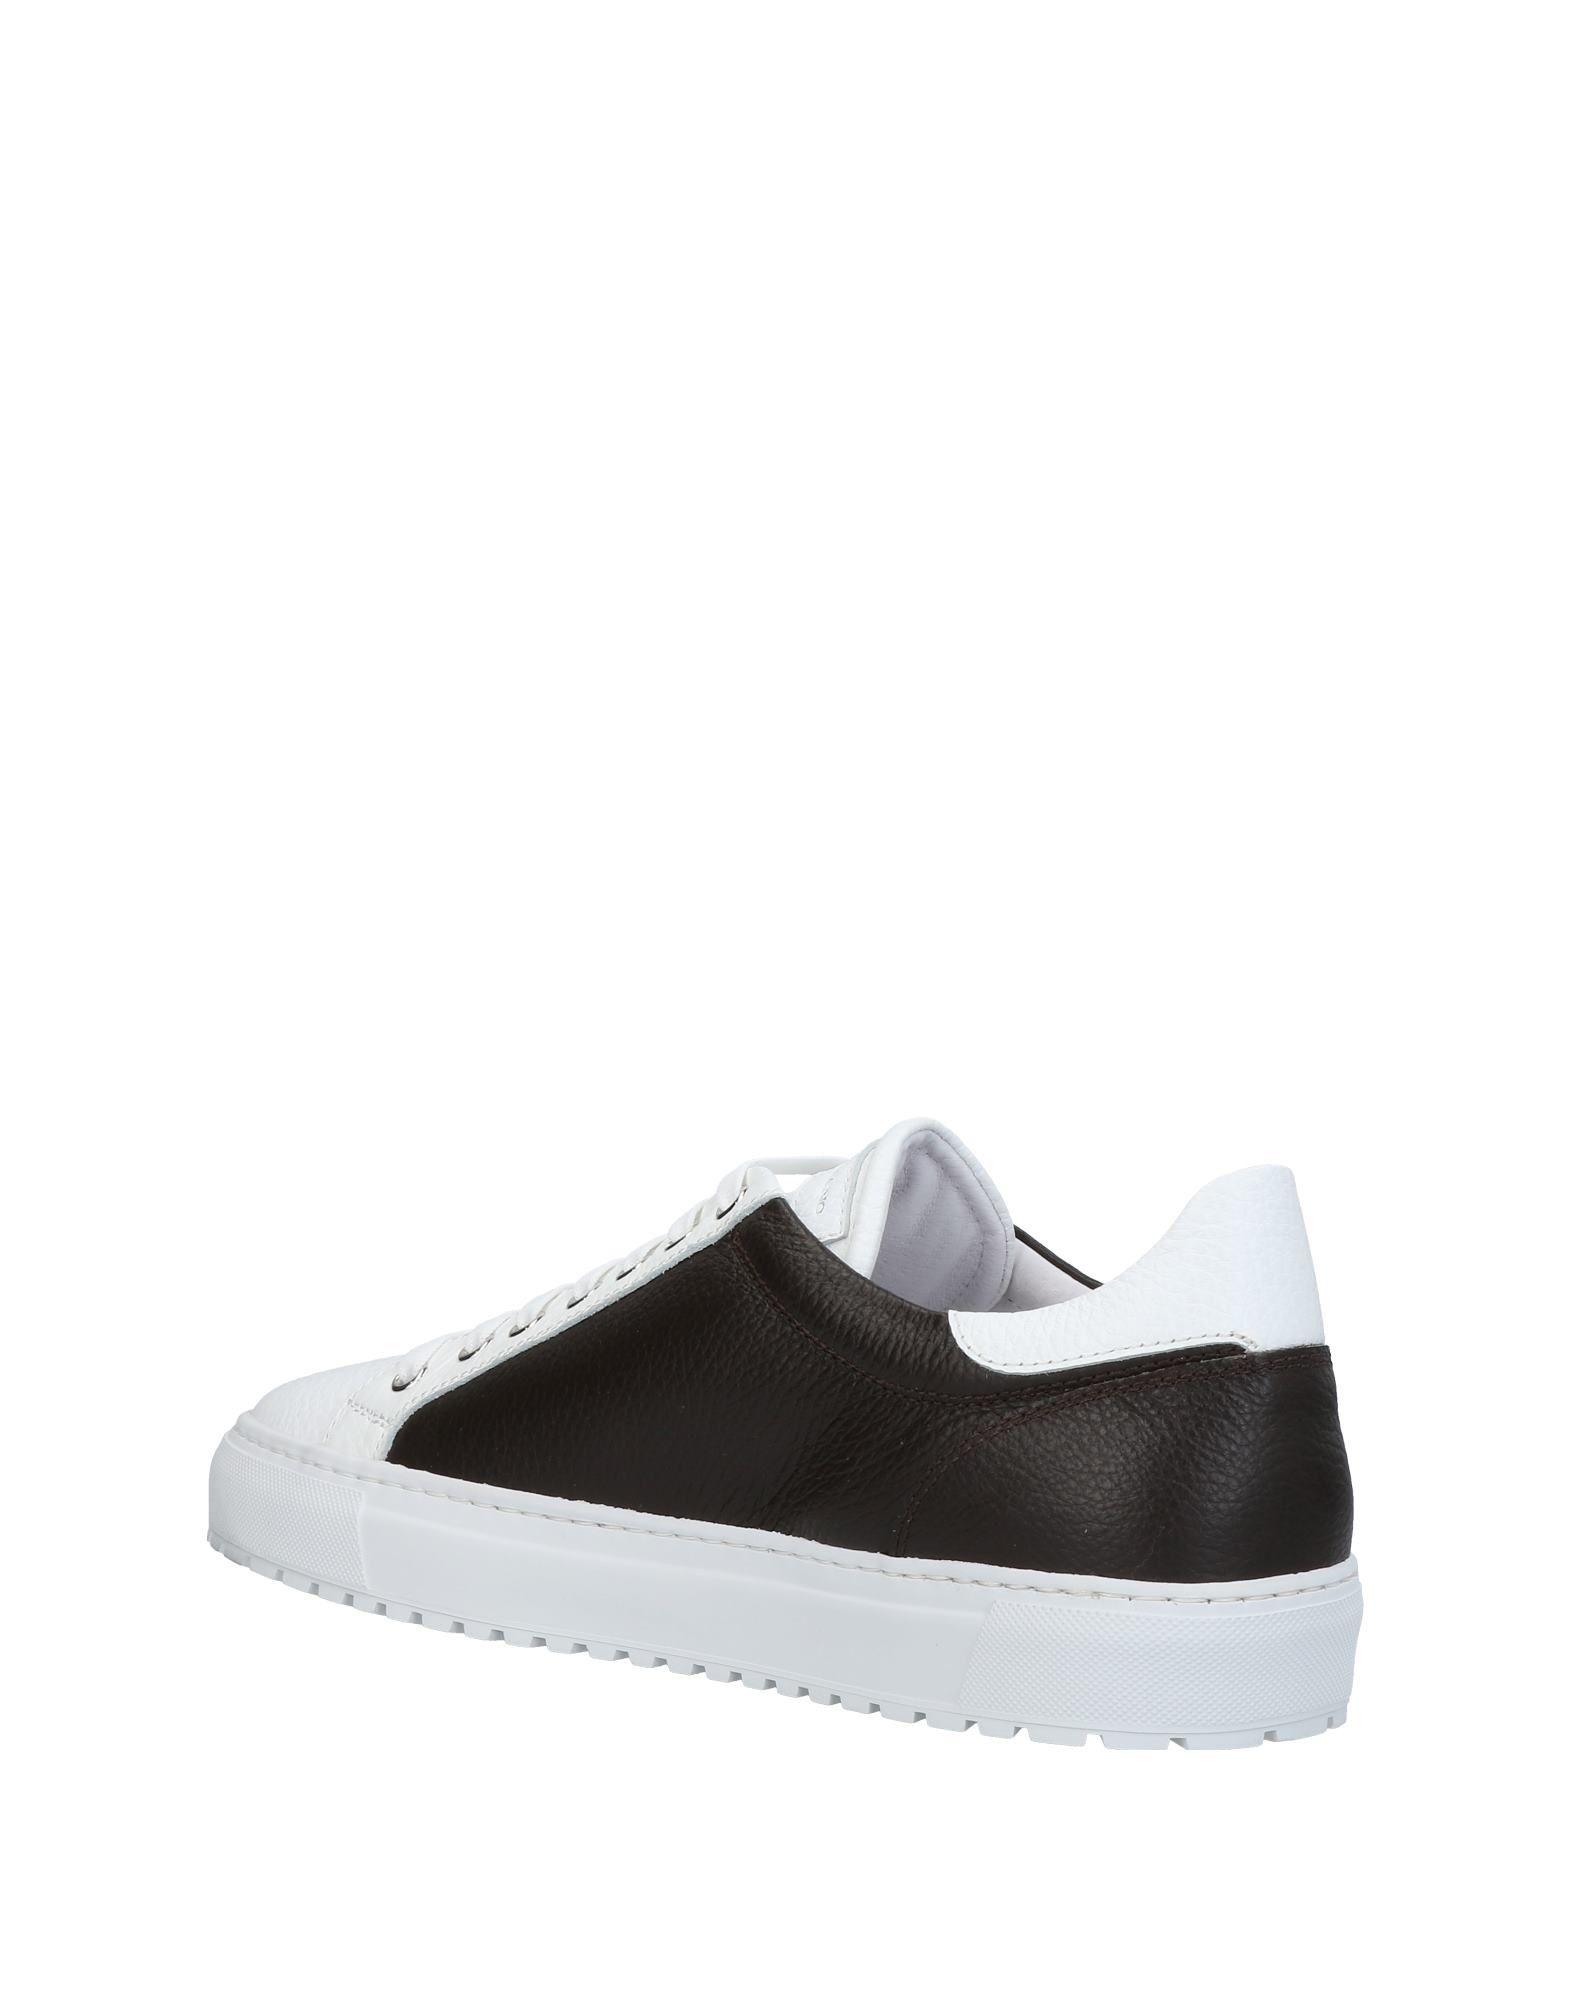 John 11426353JK Galliano Sneakers Herren  11426353JK John Gute Qualität beliebte Schuhe bb0d7e